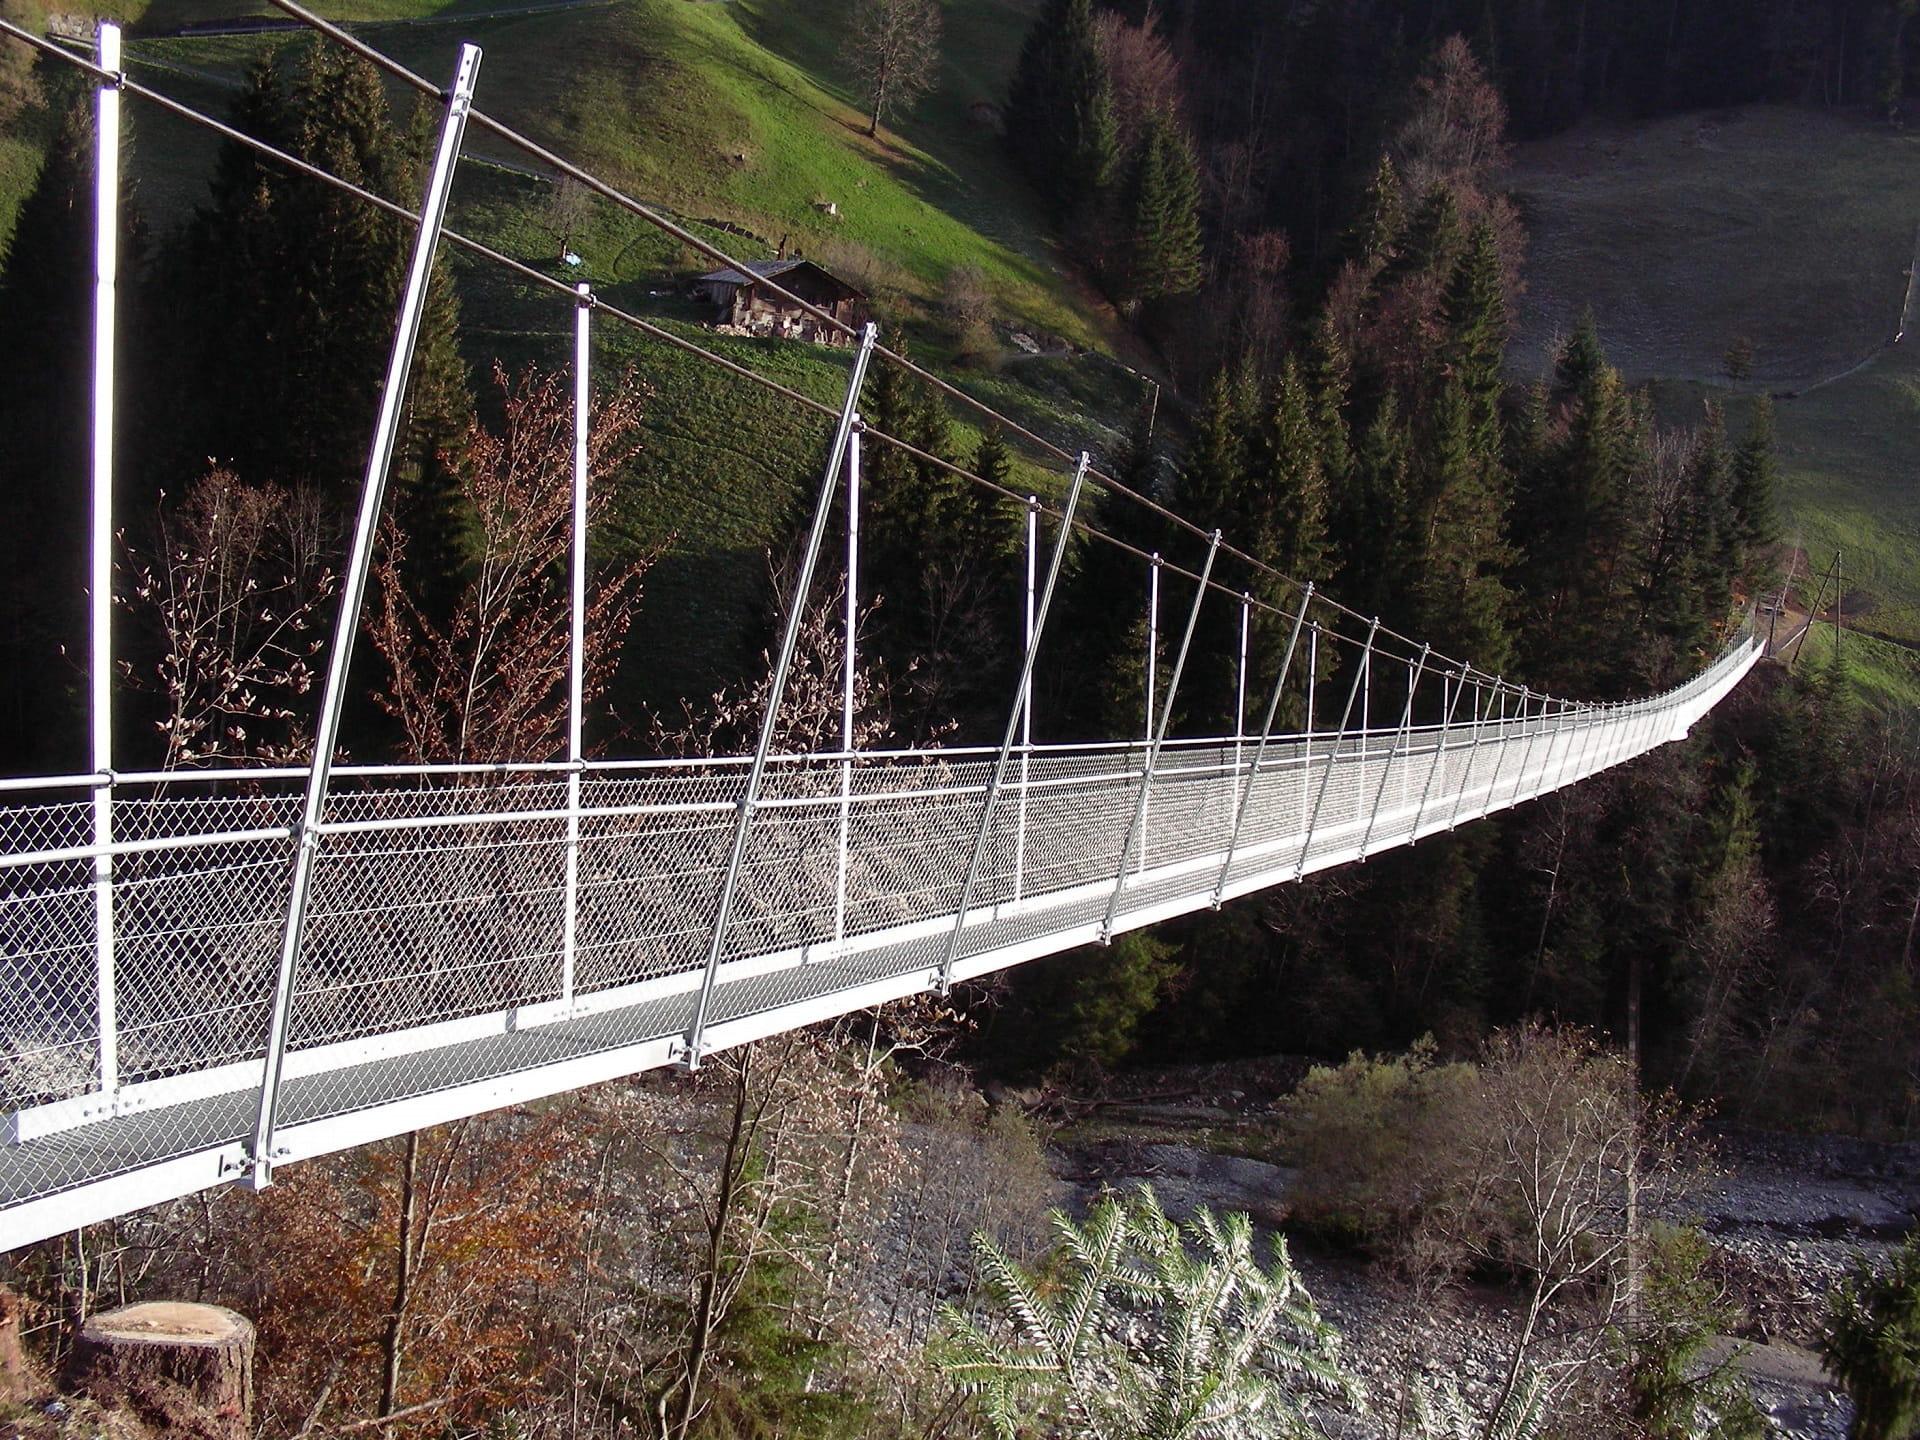 Seitlicher Blick auf die Fussgängerhängebrücke Hostalde